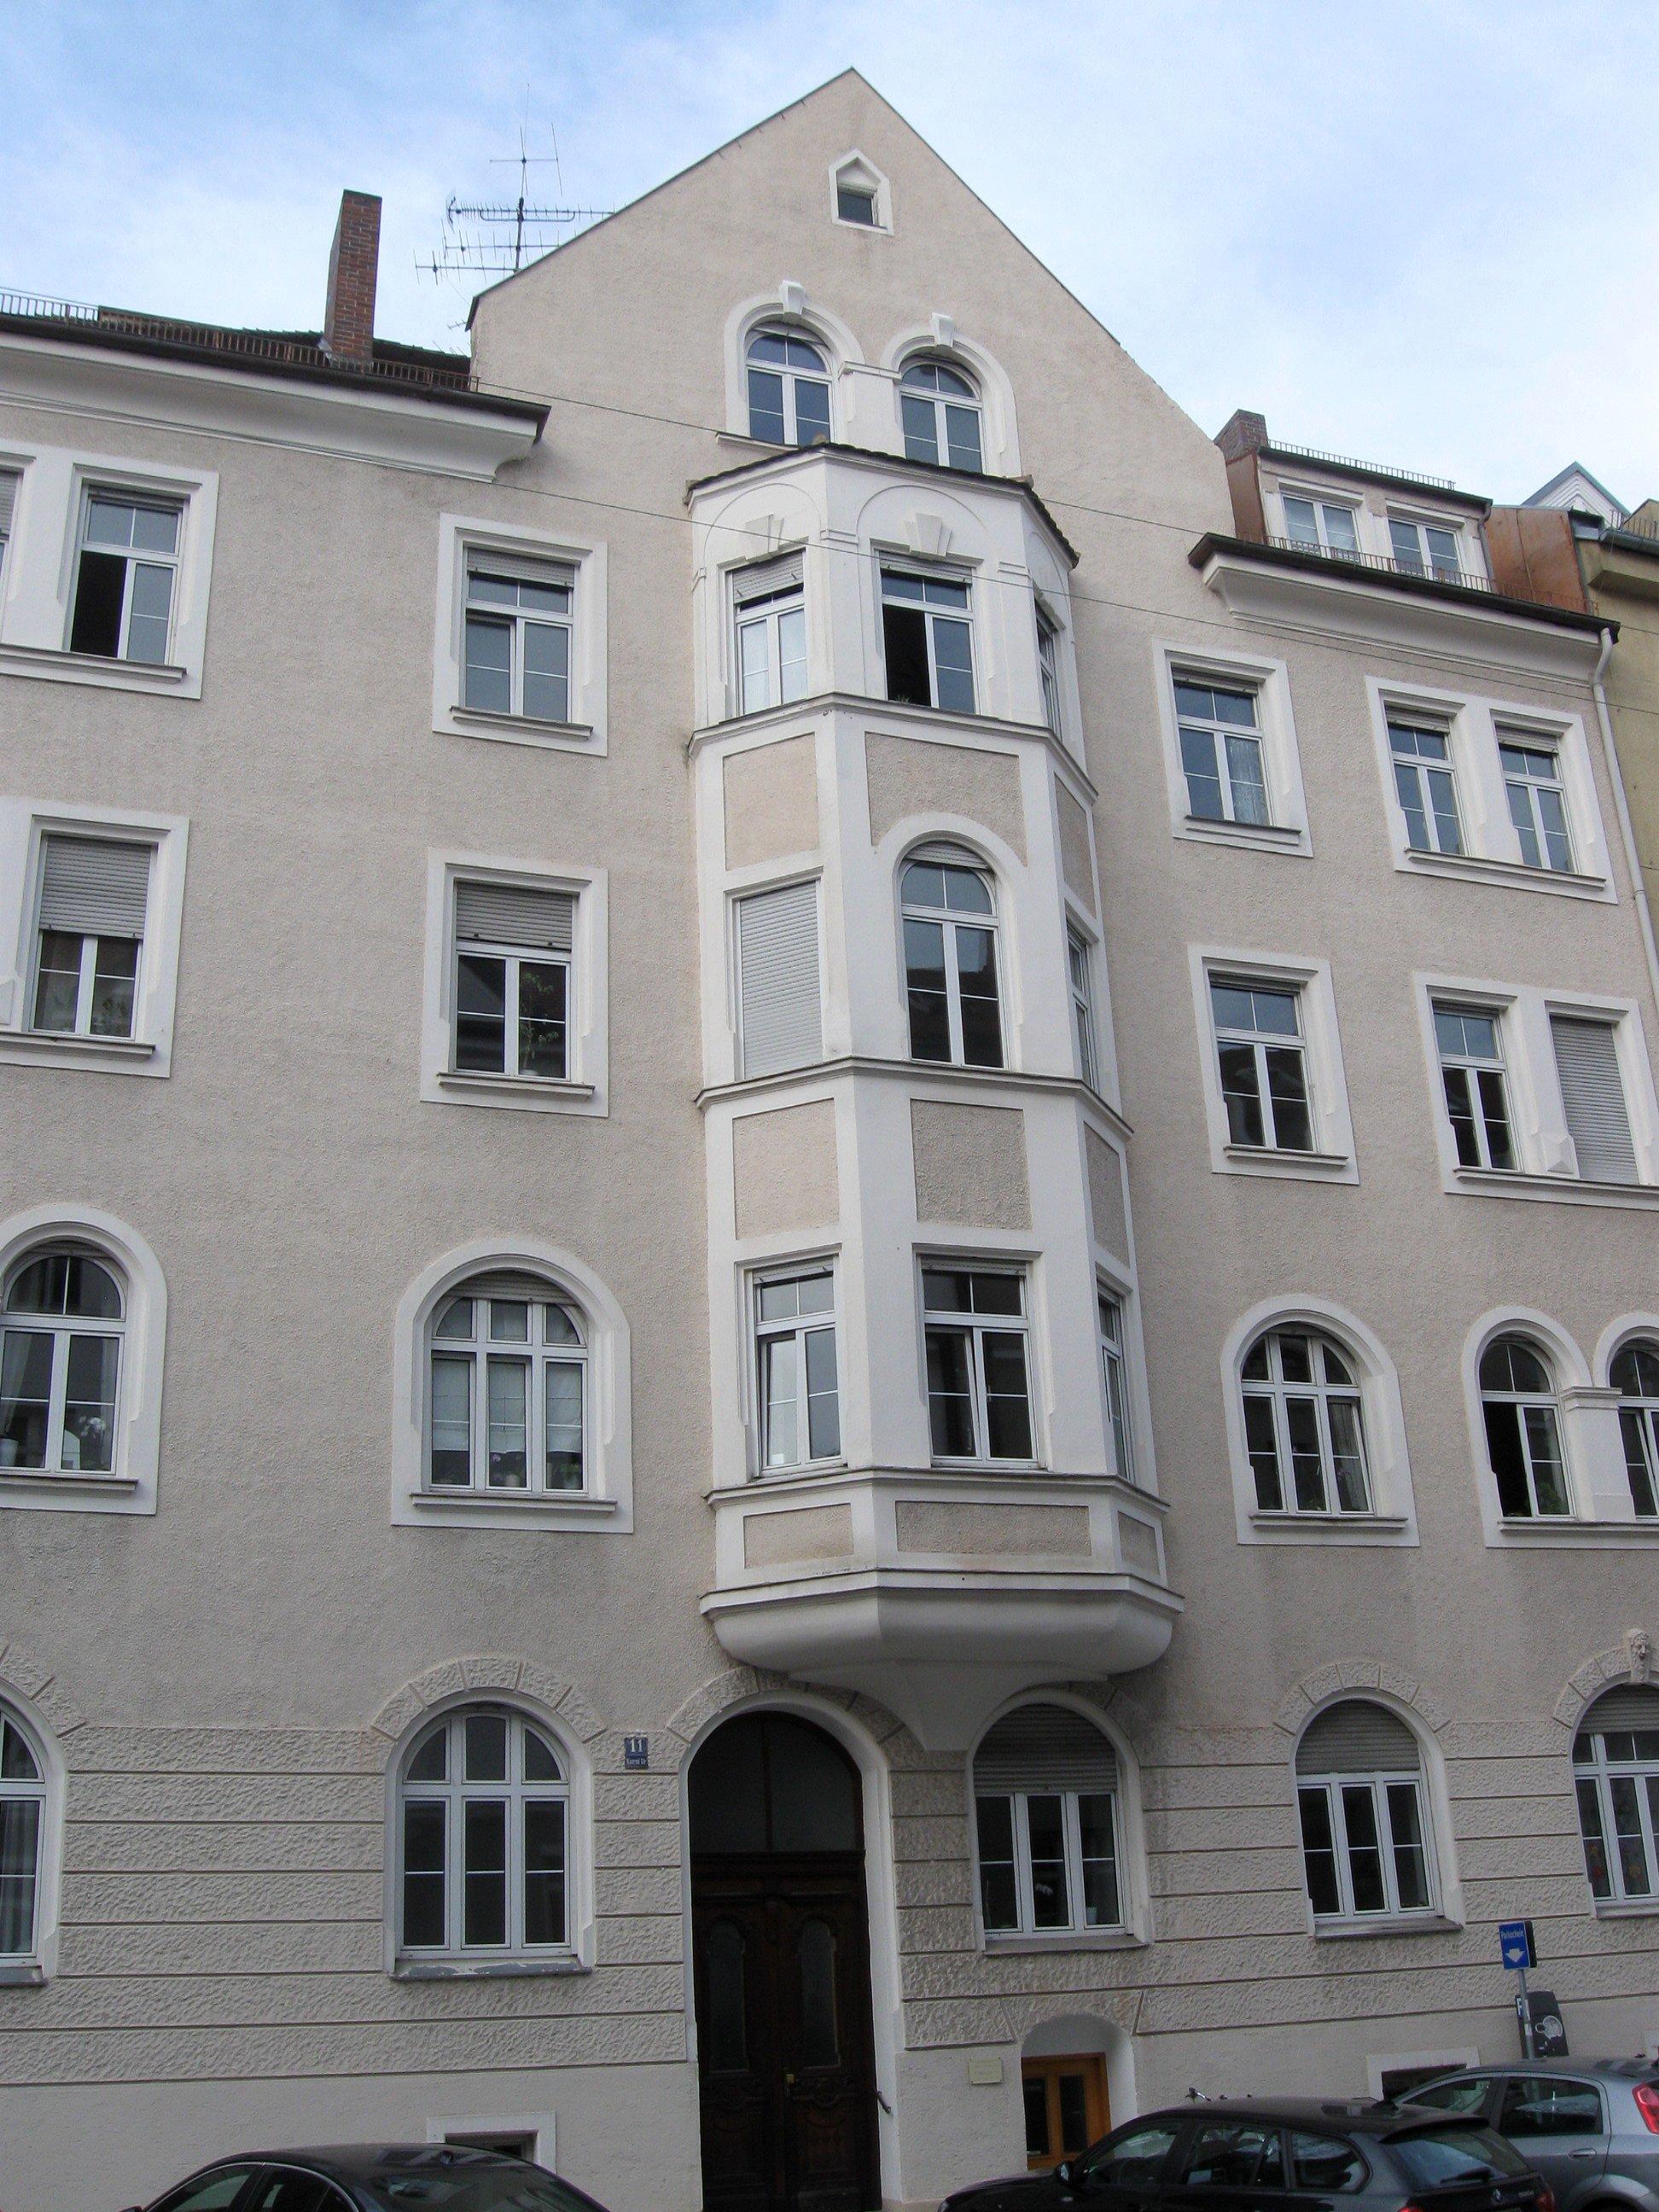 File:Konradstr. 11 Muenchen-2.jpg - Wikimedia Commons